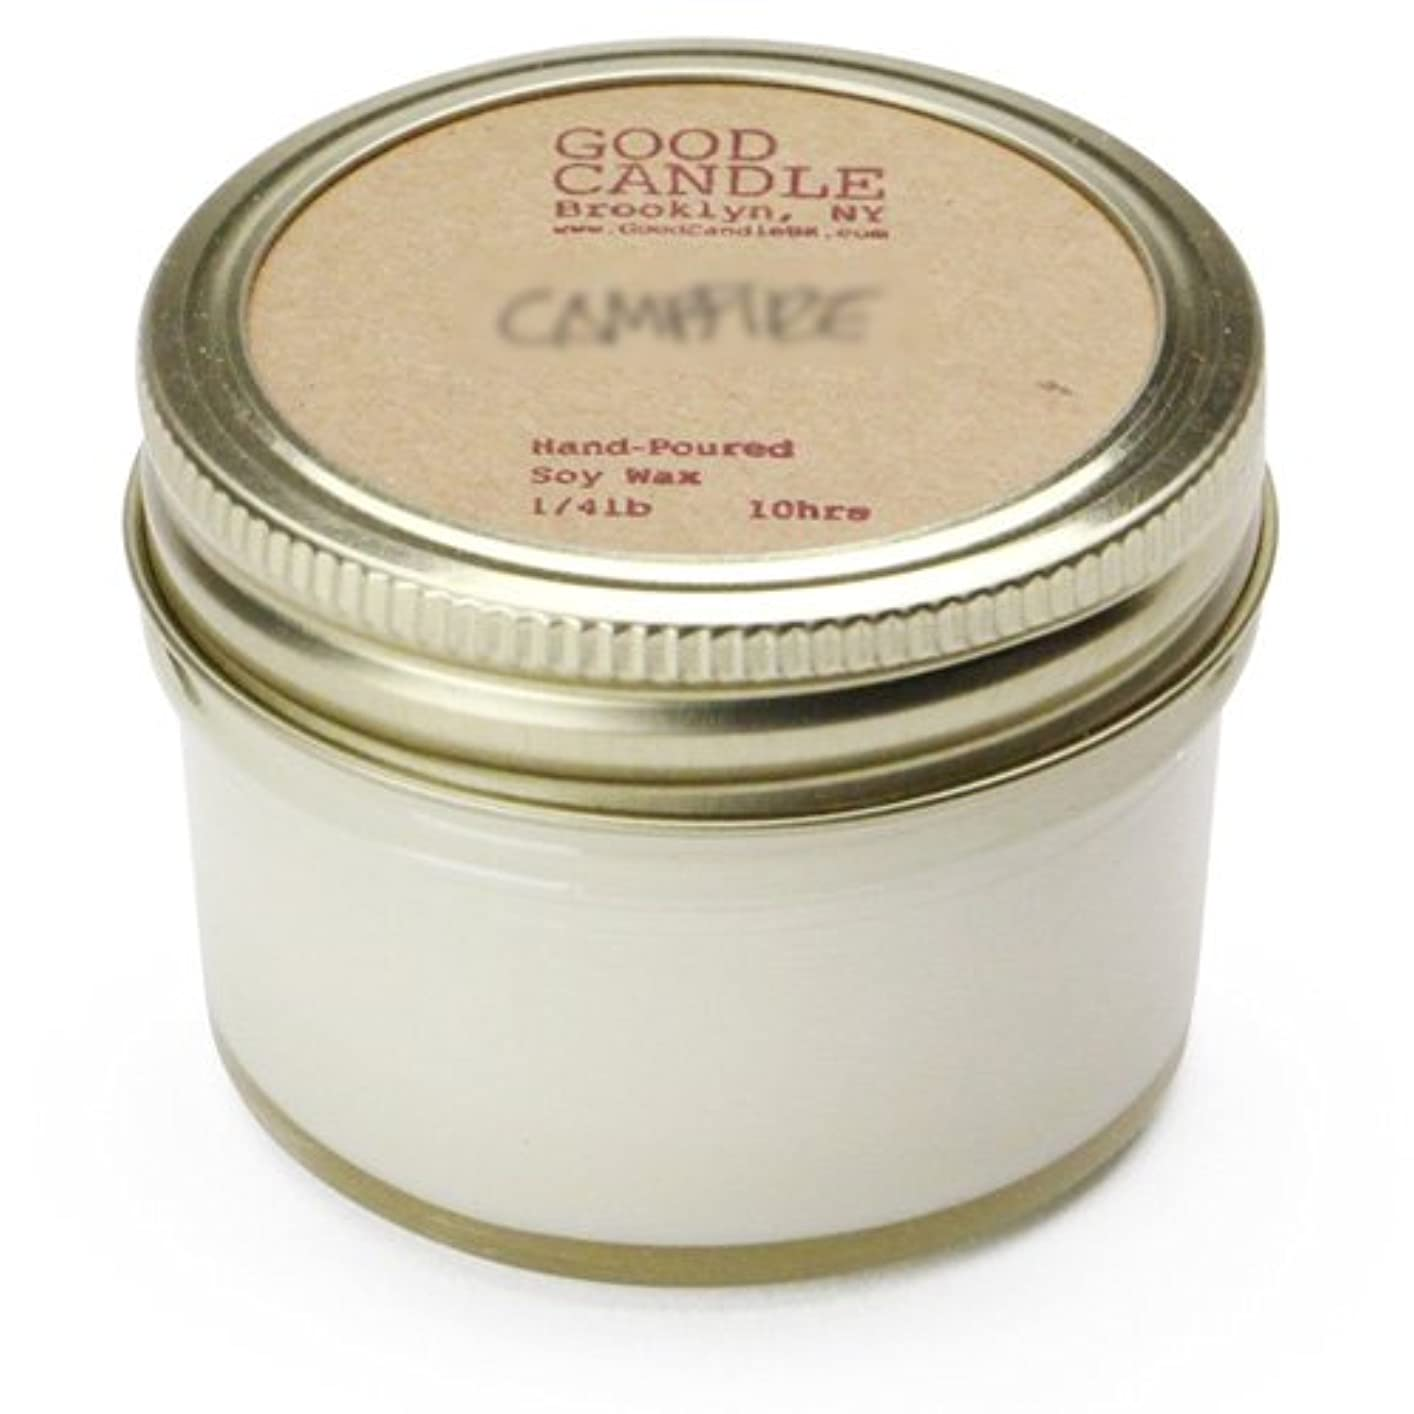 偶然のサイクロプスボウルグッドキャンドル 1/4ポンド ゼリージャー キャンドル Good Candle 1/4LB Jelly jar candle [ Rose ] 正規品